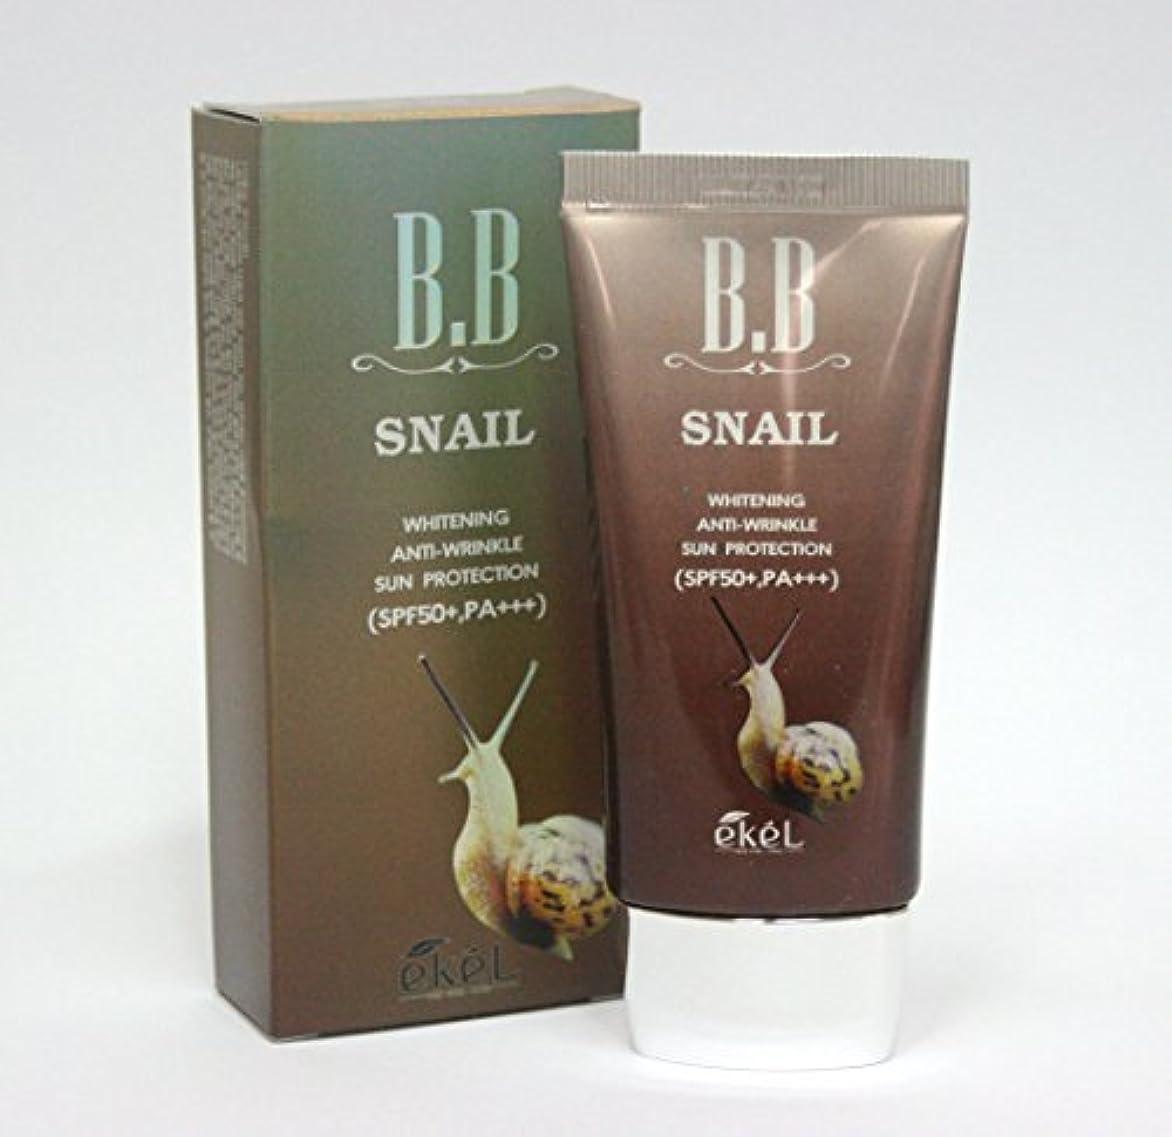 ショッピングセンターすなわちアドバンテージ[Ekel] カタツムリBBクリーム50ml / ホワイトニング , SPF50 + PA +++ / 韓国化粧品 / Snail BB Cream 50ml / Whitening, SPF50+ PA+++ / Korea Cosmetics [並行輸入品]